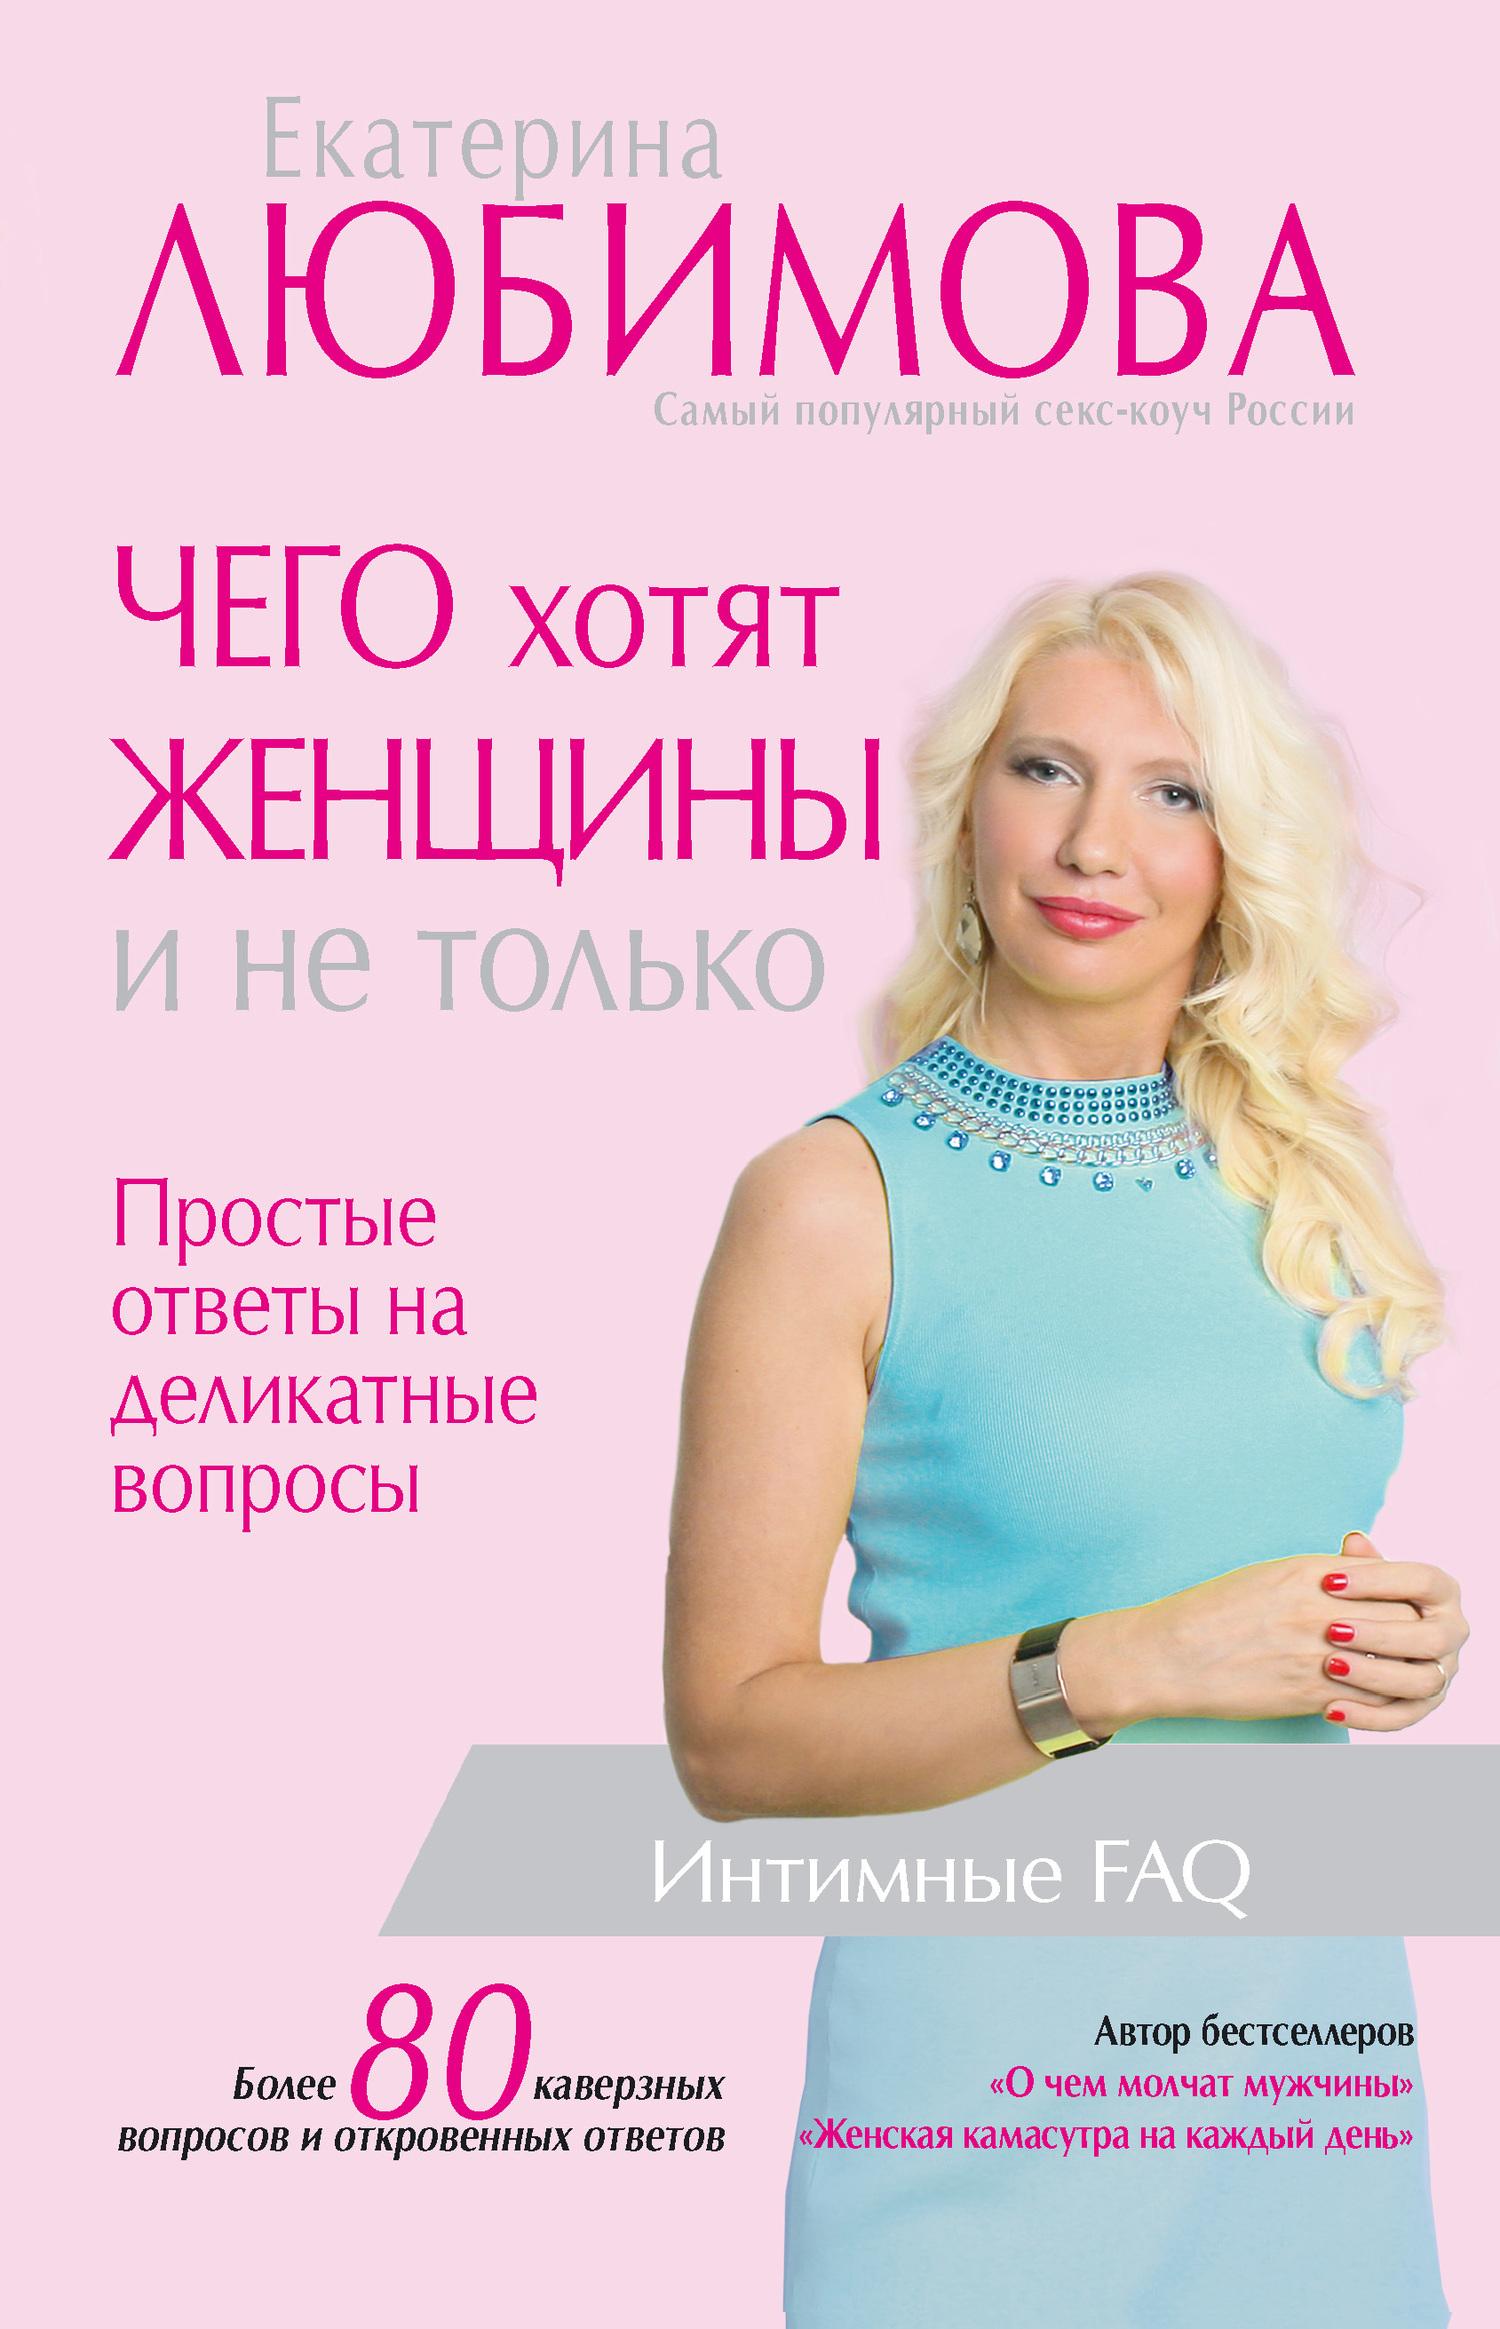 Сайт по психологии отношений секса